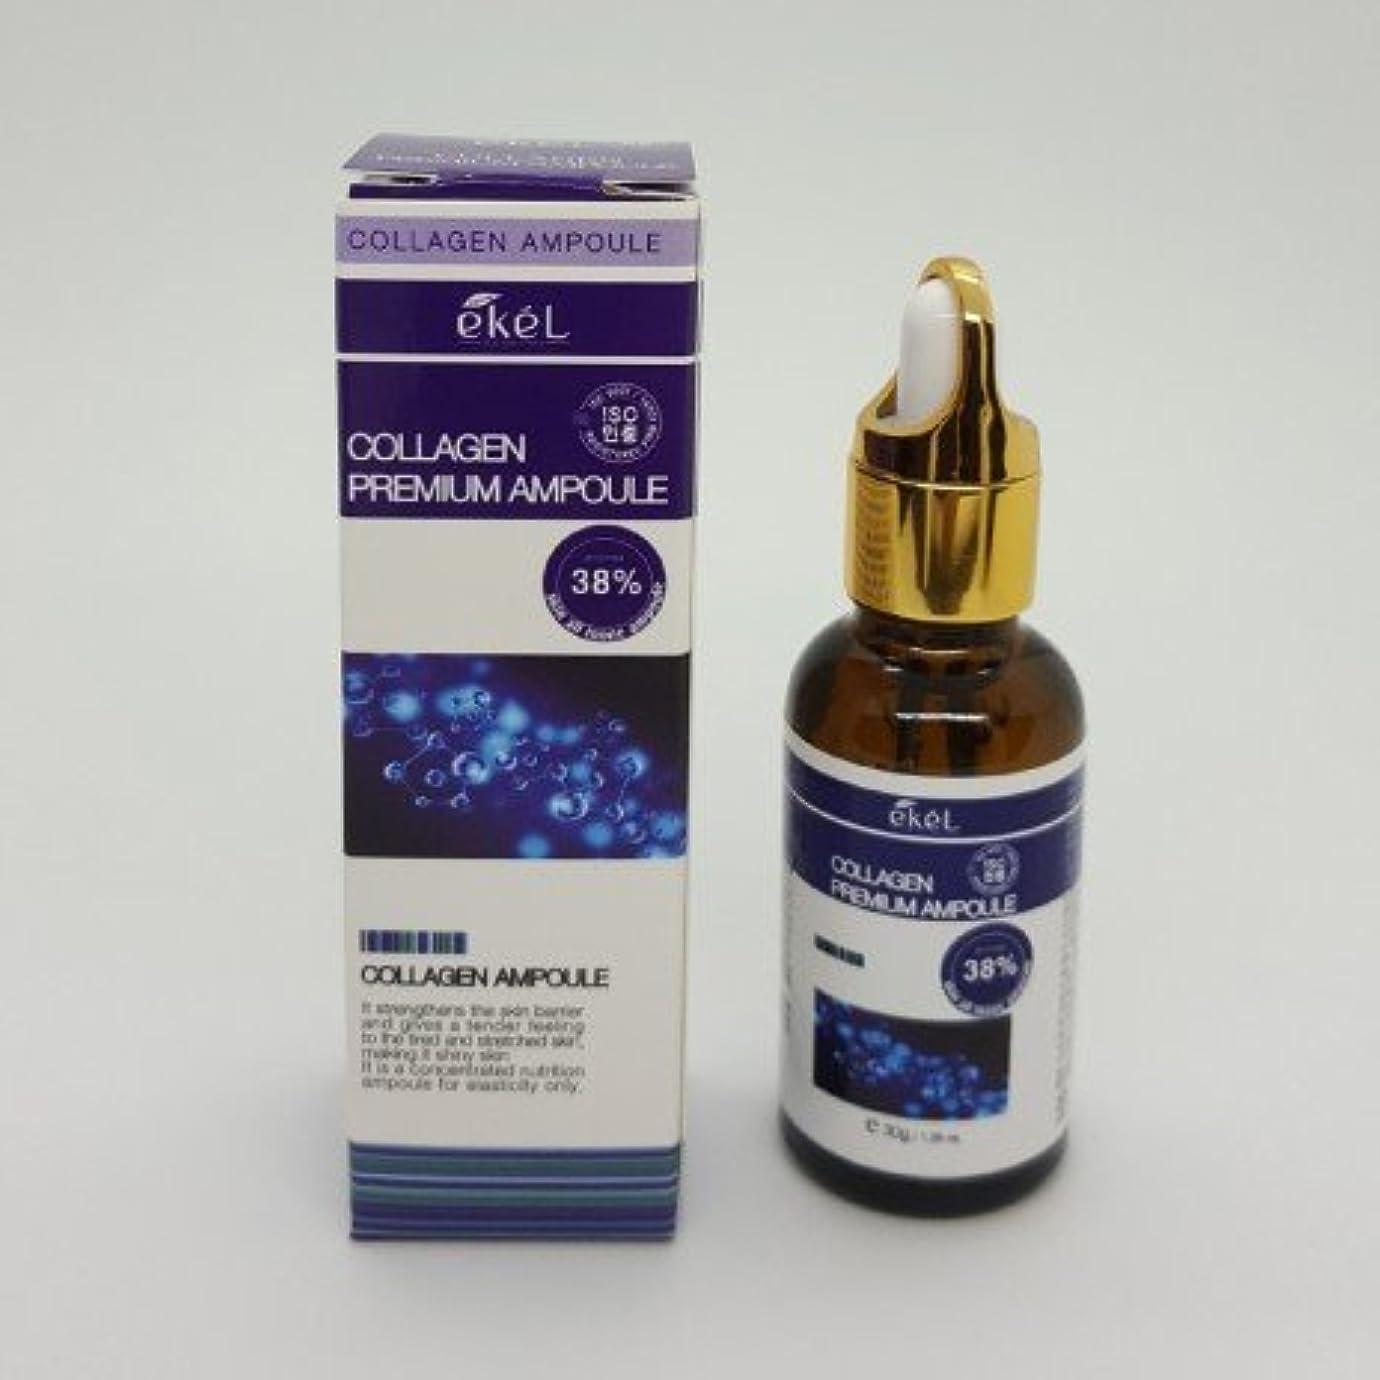 めったに悩みレンチ[EKEL] Collagen Premium Ampoule 38% - 30g